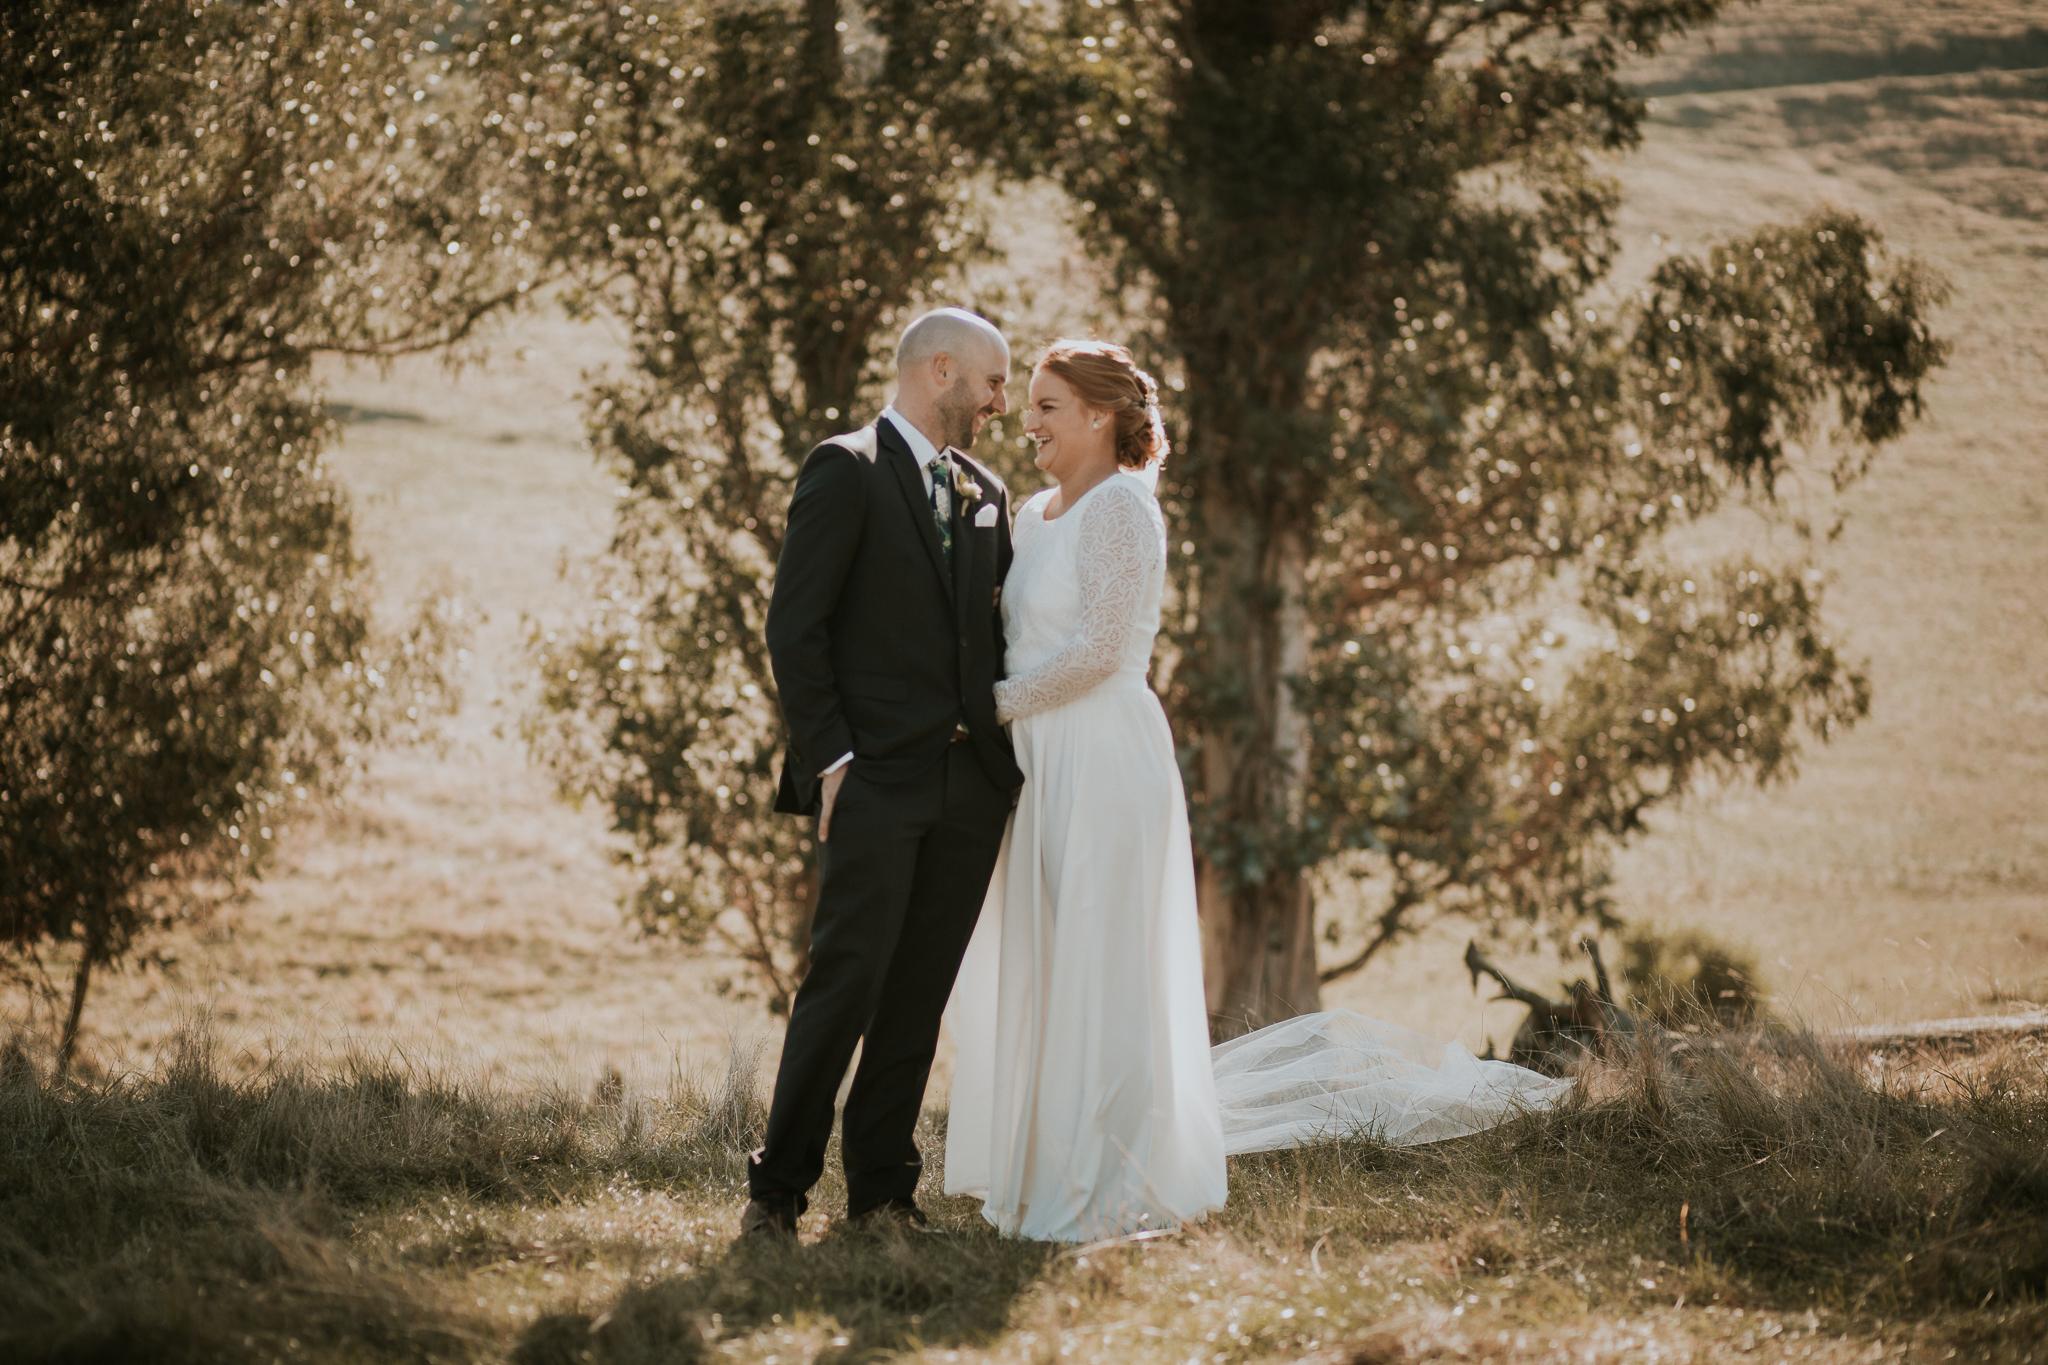 wedding photographer hawkes bay , Lisa Fisher Photography, Selini Winery Wedding -134.jpg